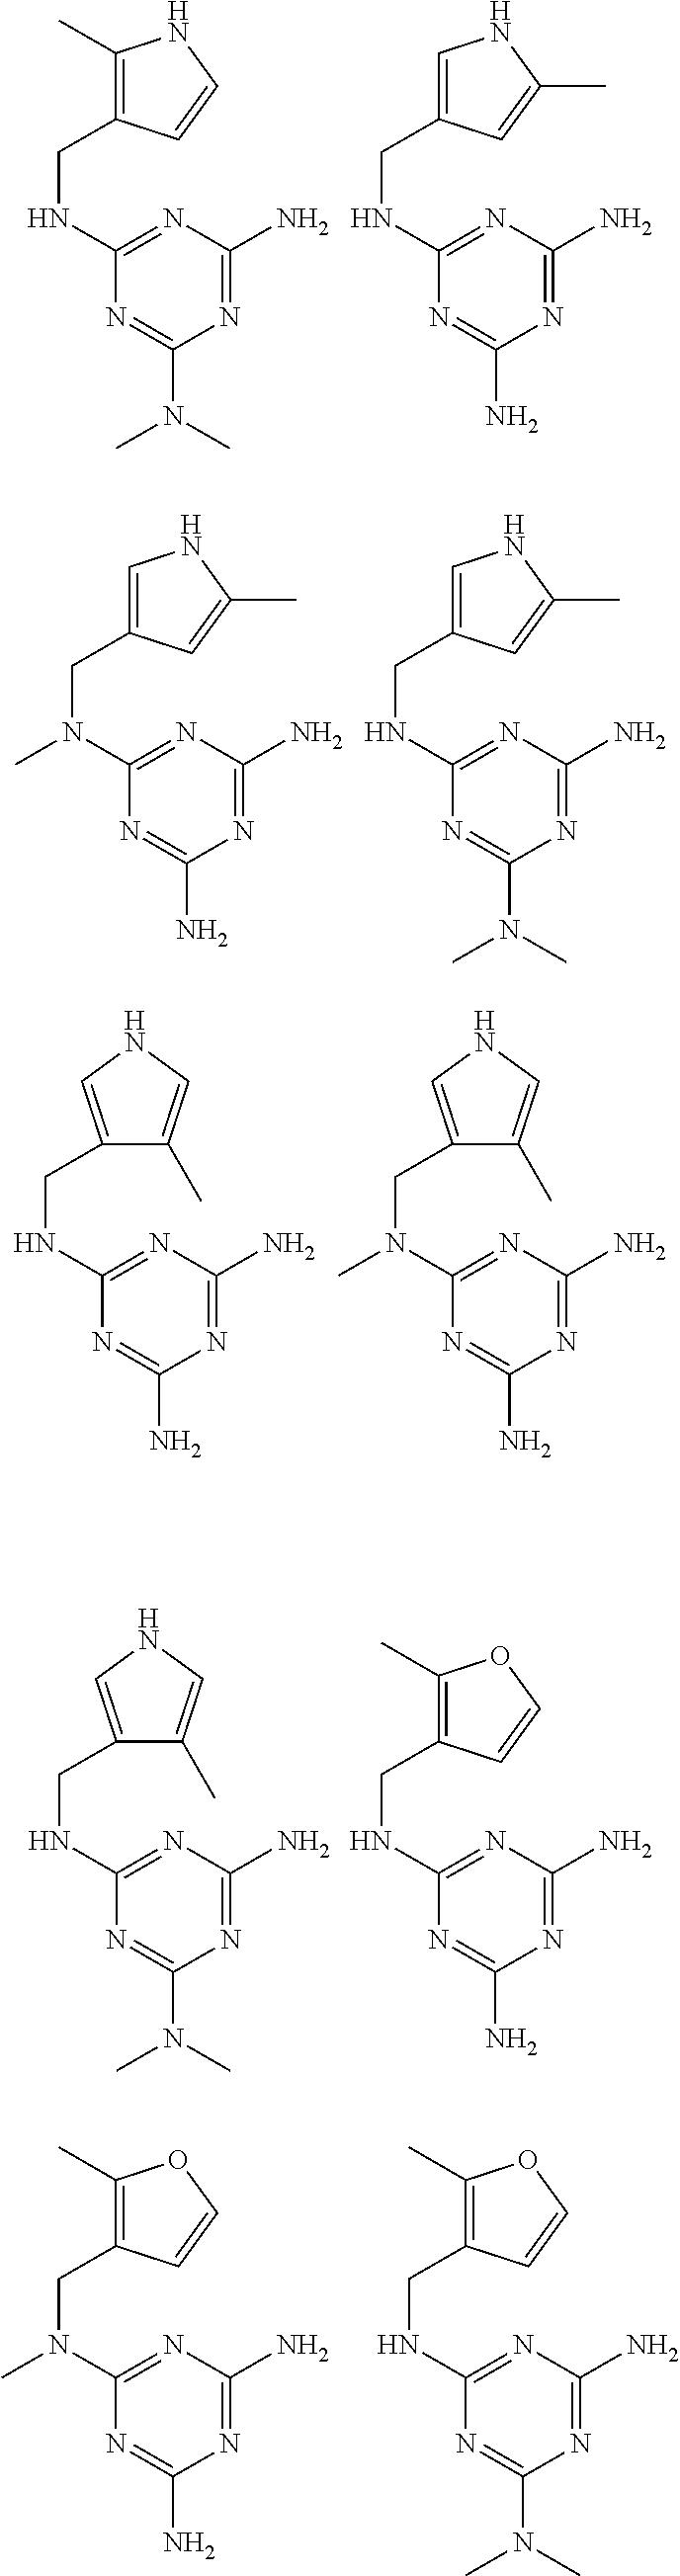 Figure US09480663-20161101-C00136